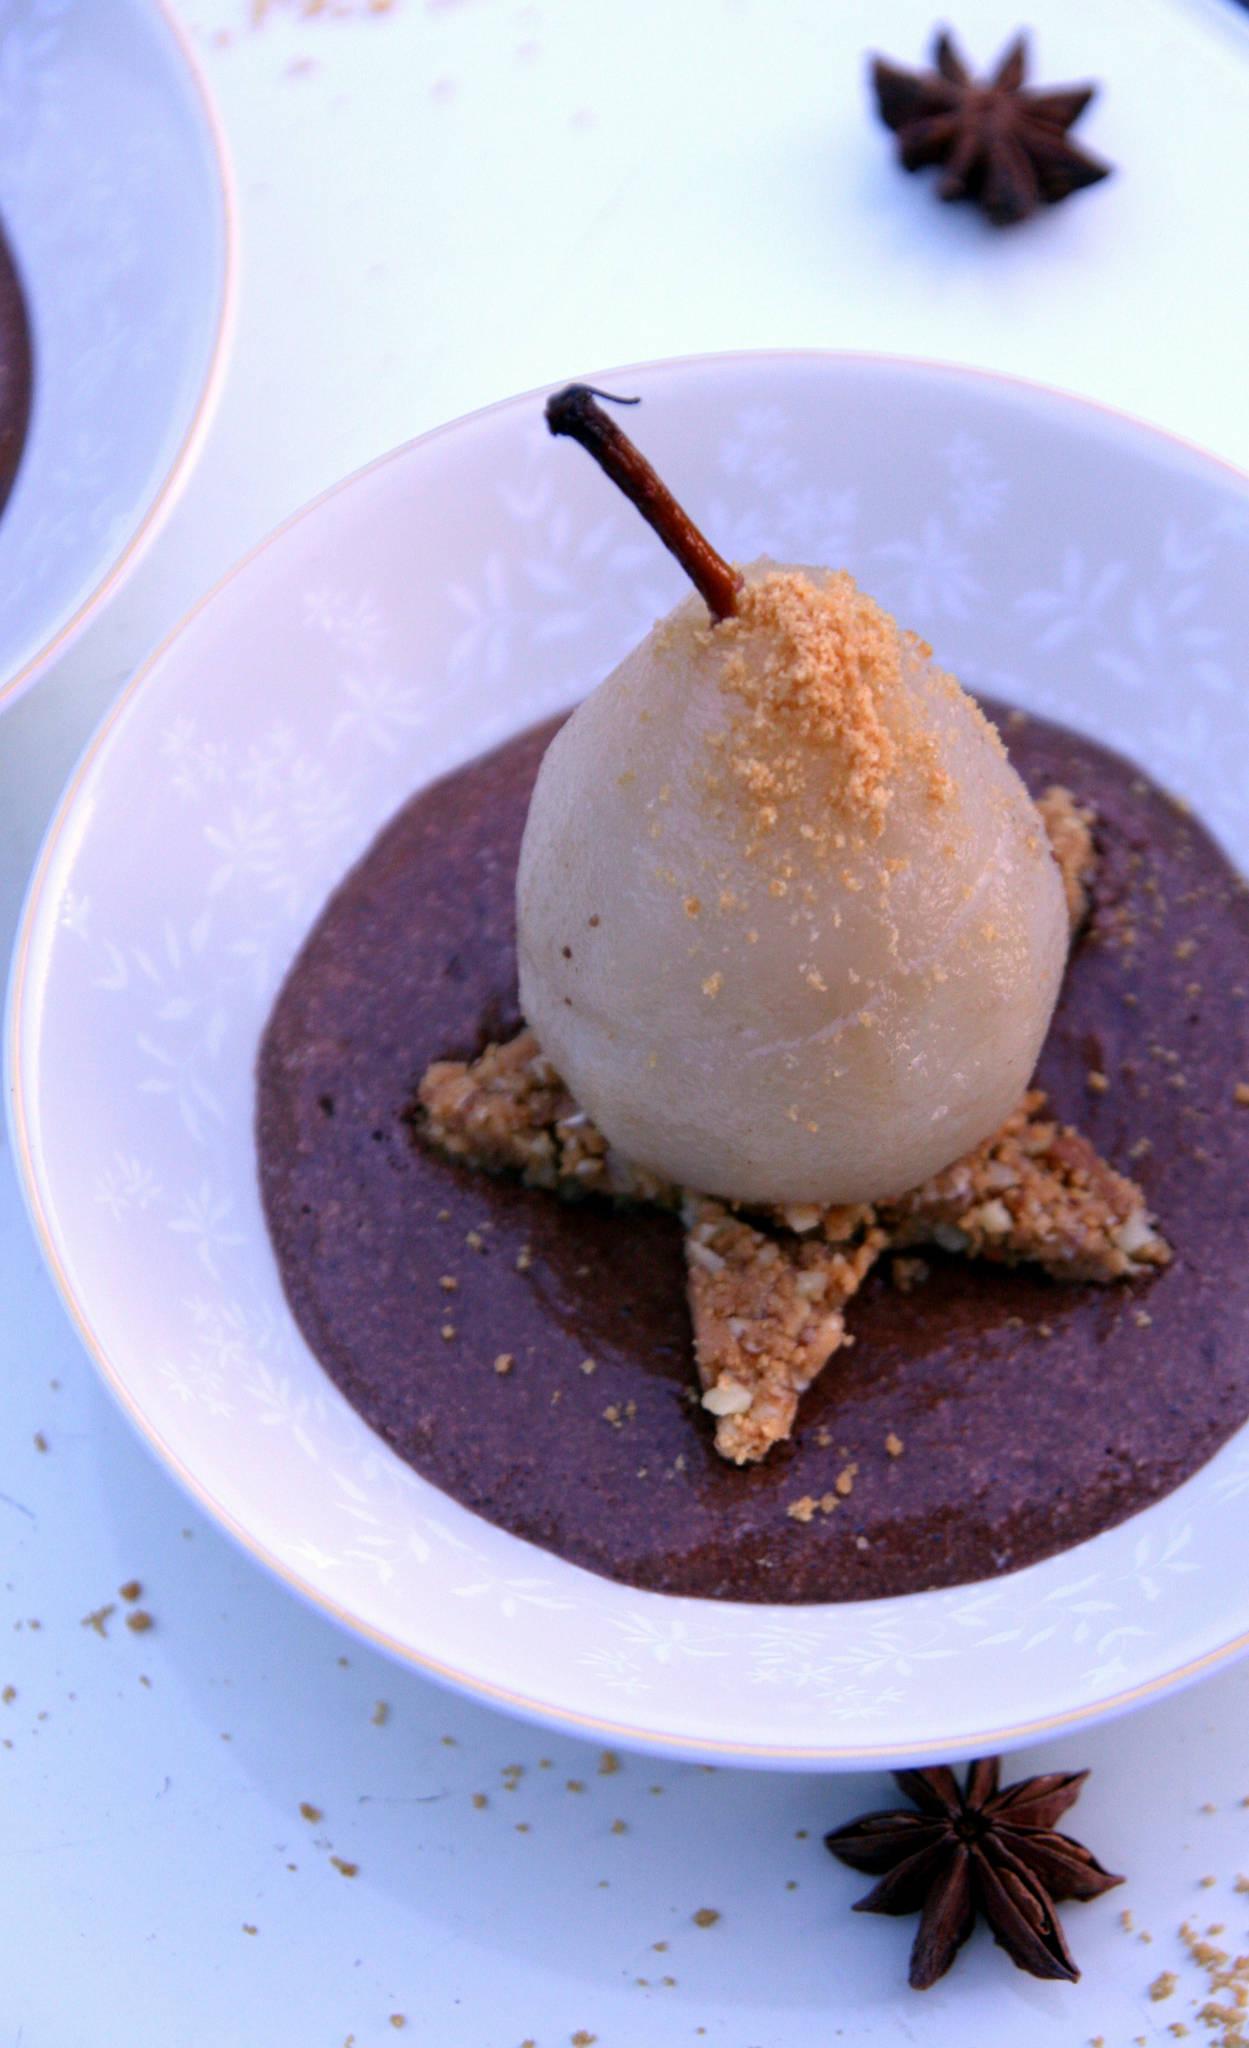 Poire pochée aux épices, mousse au chocolat et tonka, croustillant spéculoos et noix de pécan